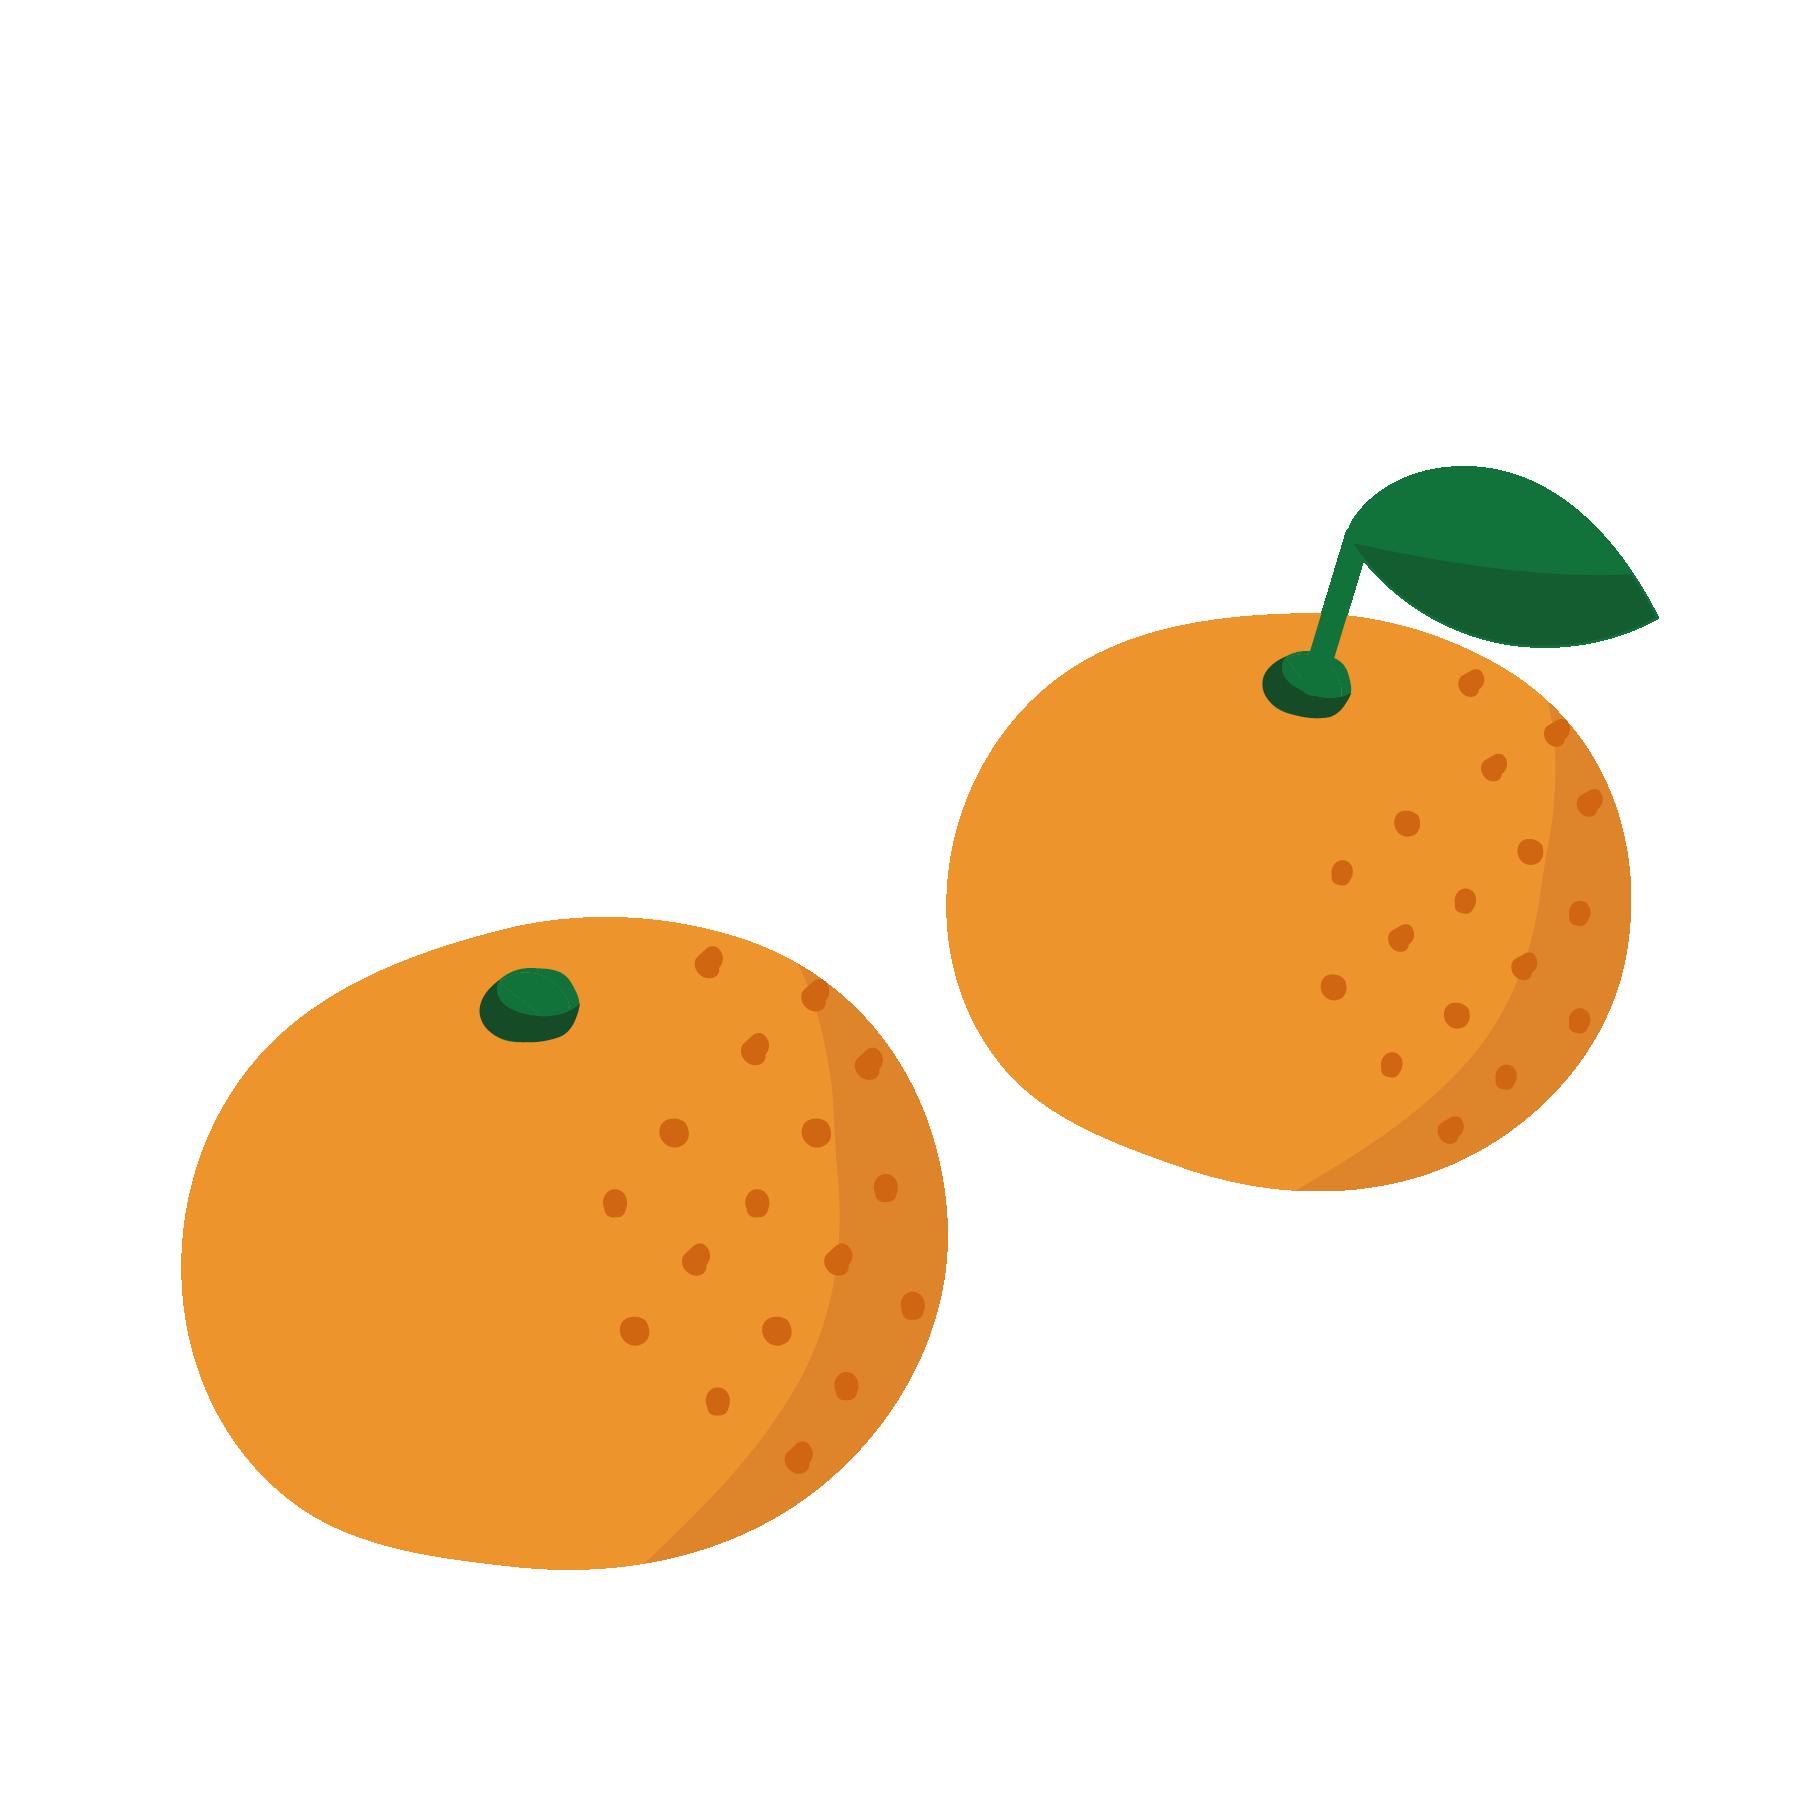 甘い みかんのイラスト!【冬の果物・フルーツ】